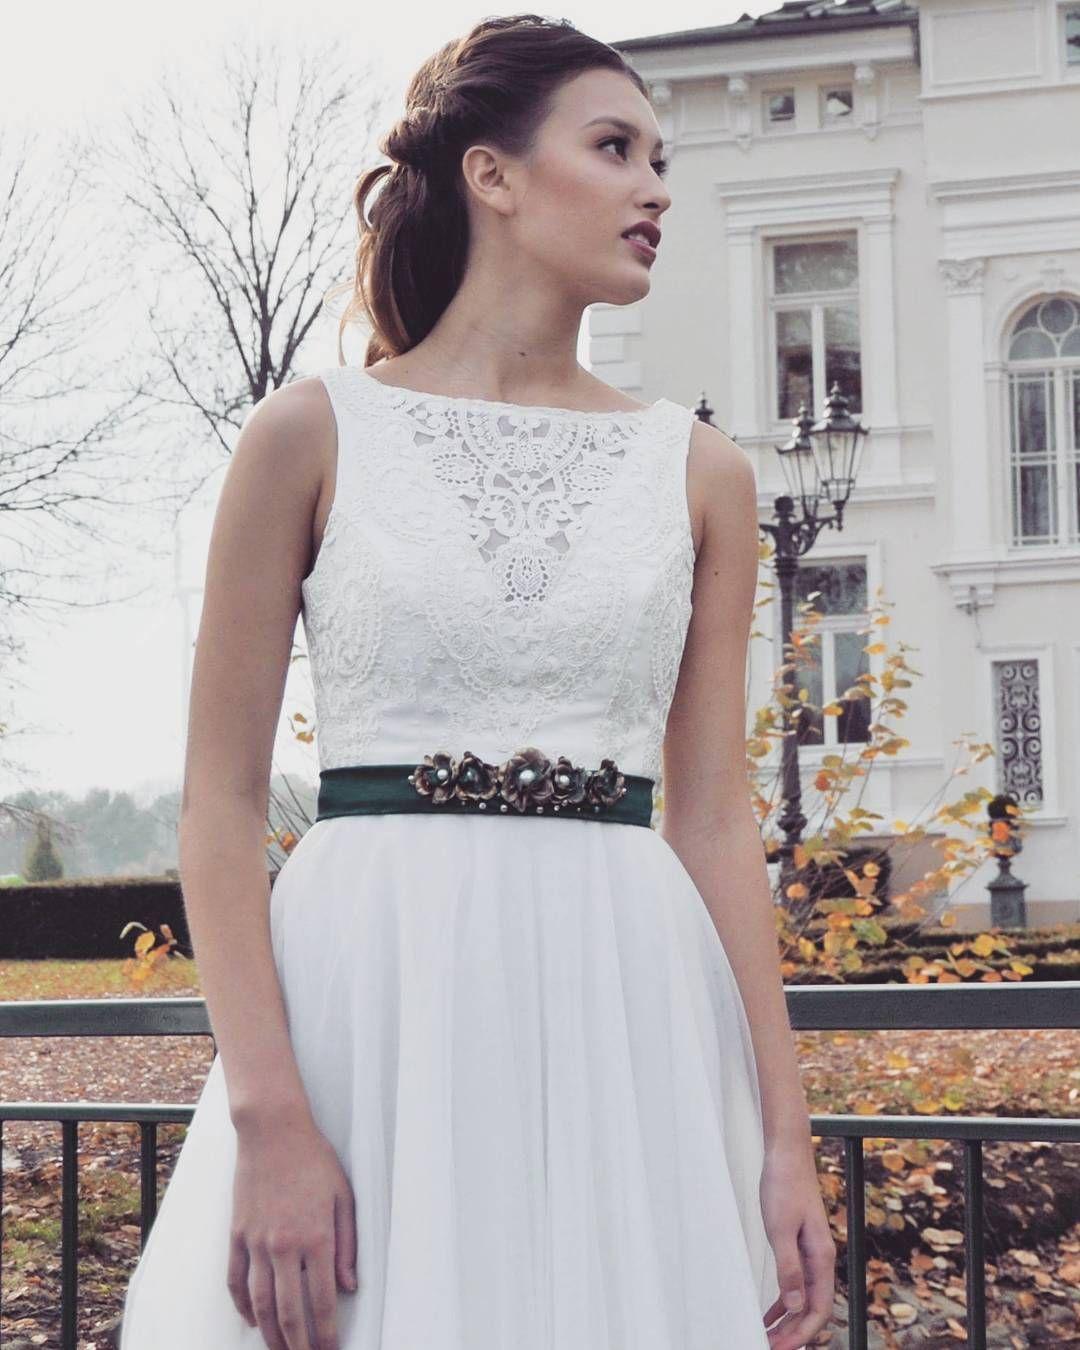 Ein VanTastisches Brautkleid vom Designerlabel Tian van Tastique ...